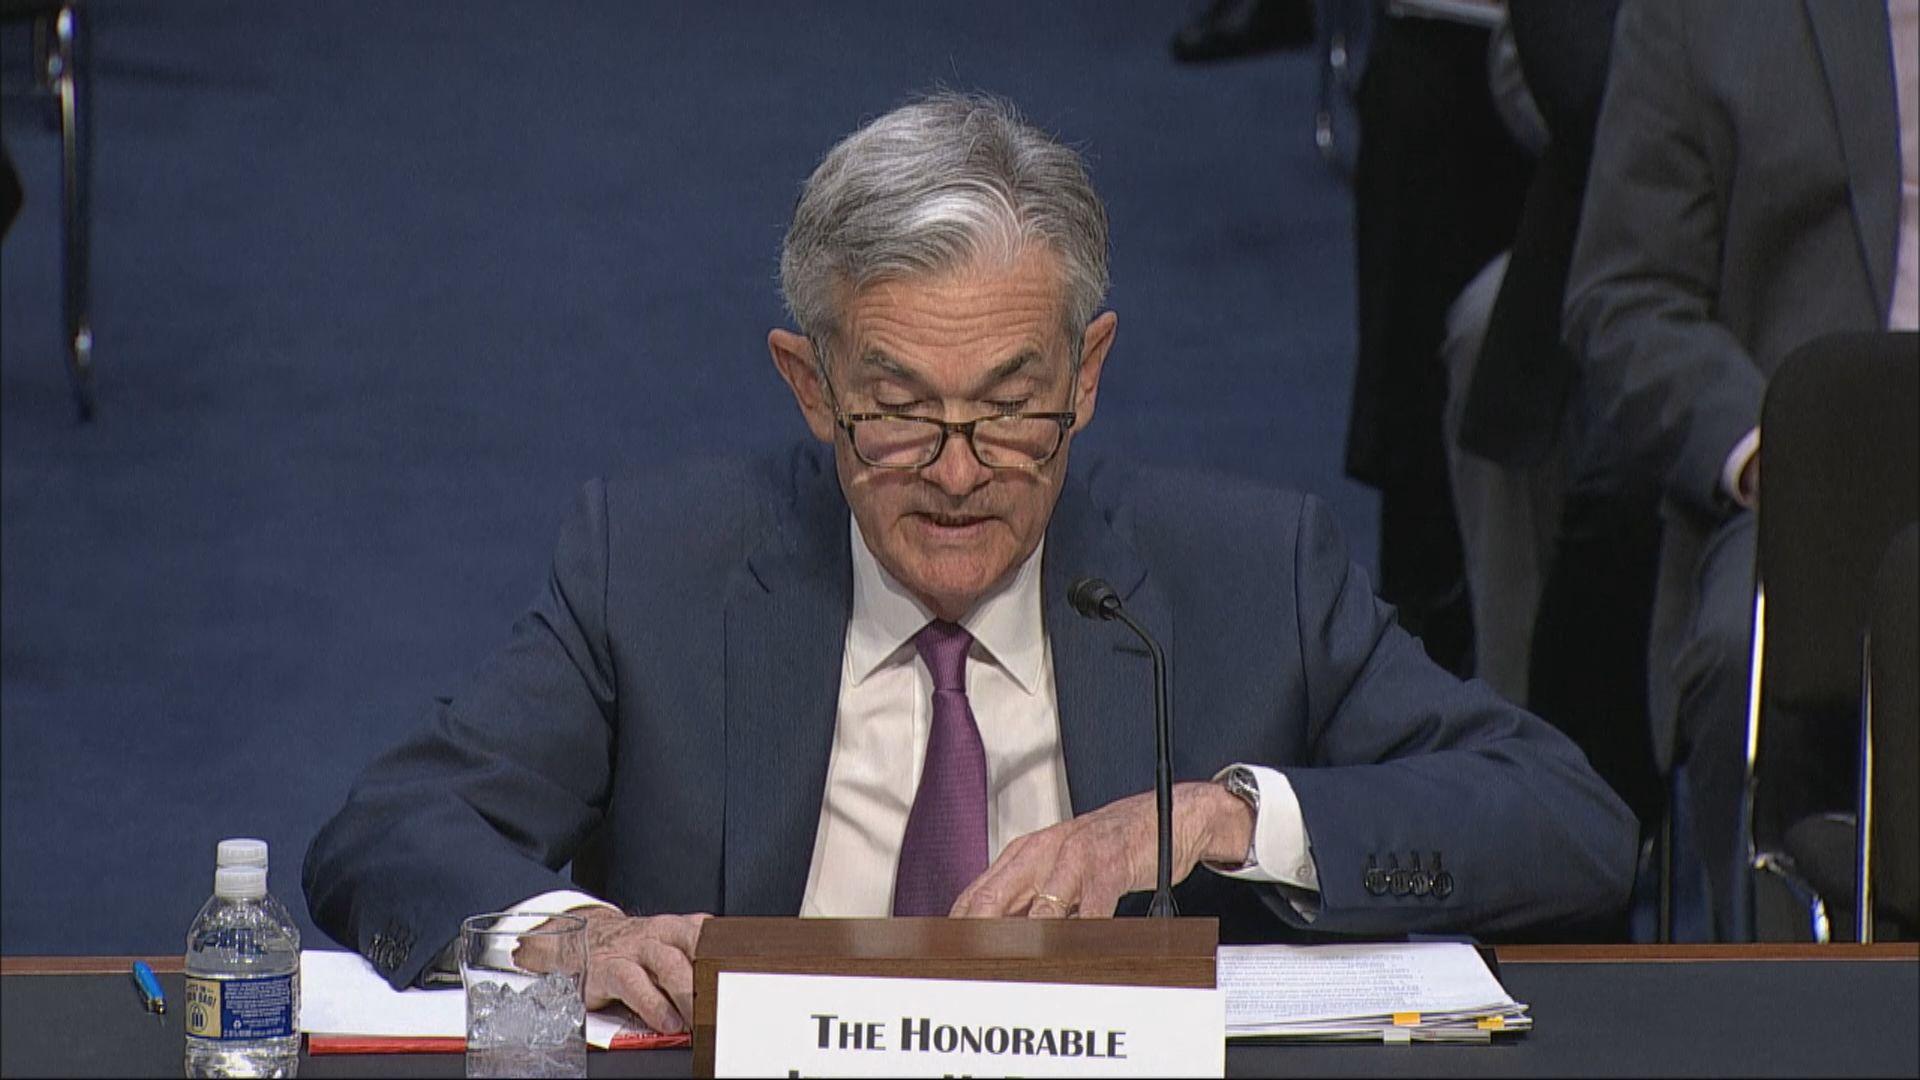 鮑威爾:美國經濟良好惟面臨貿易不確定性